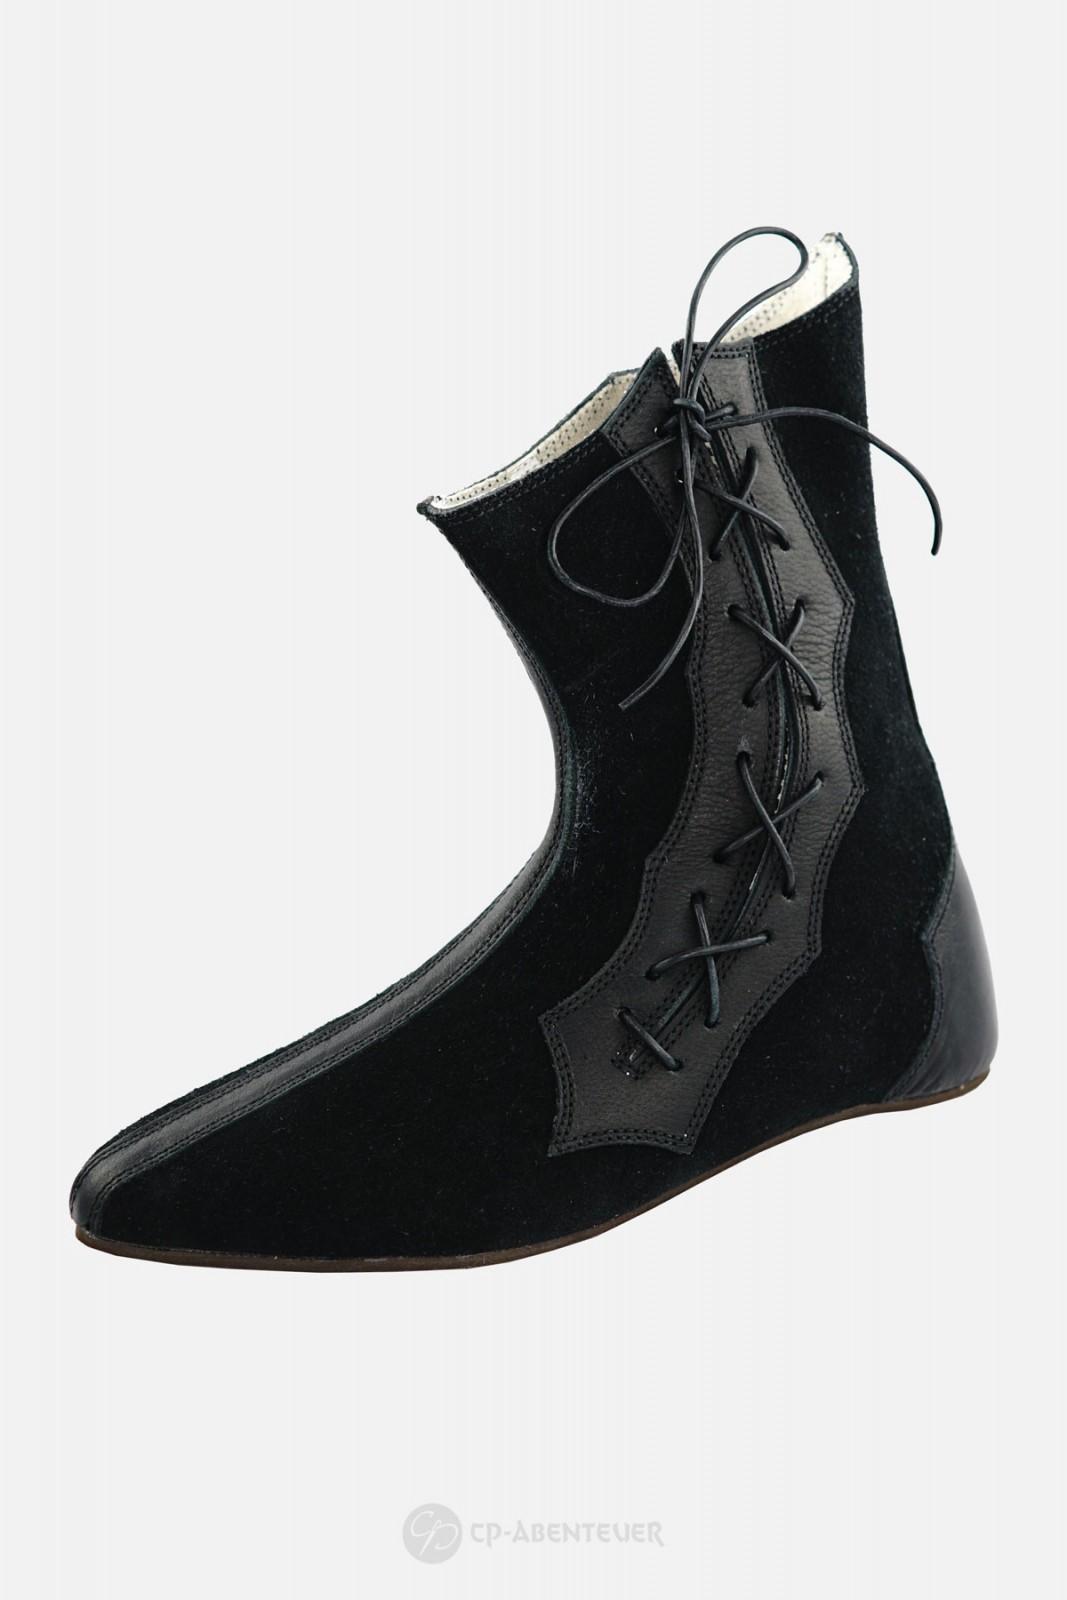 Albrecht - Schuhe, Schwarz